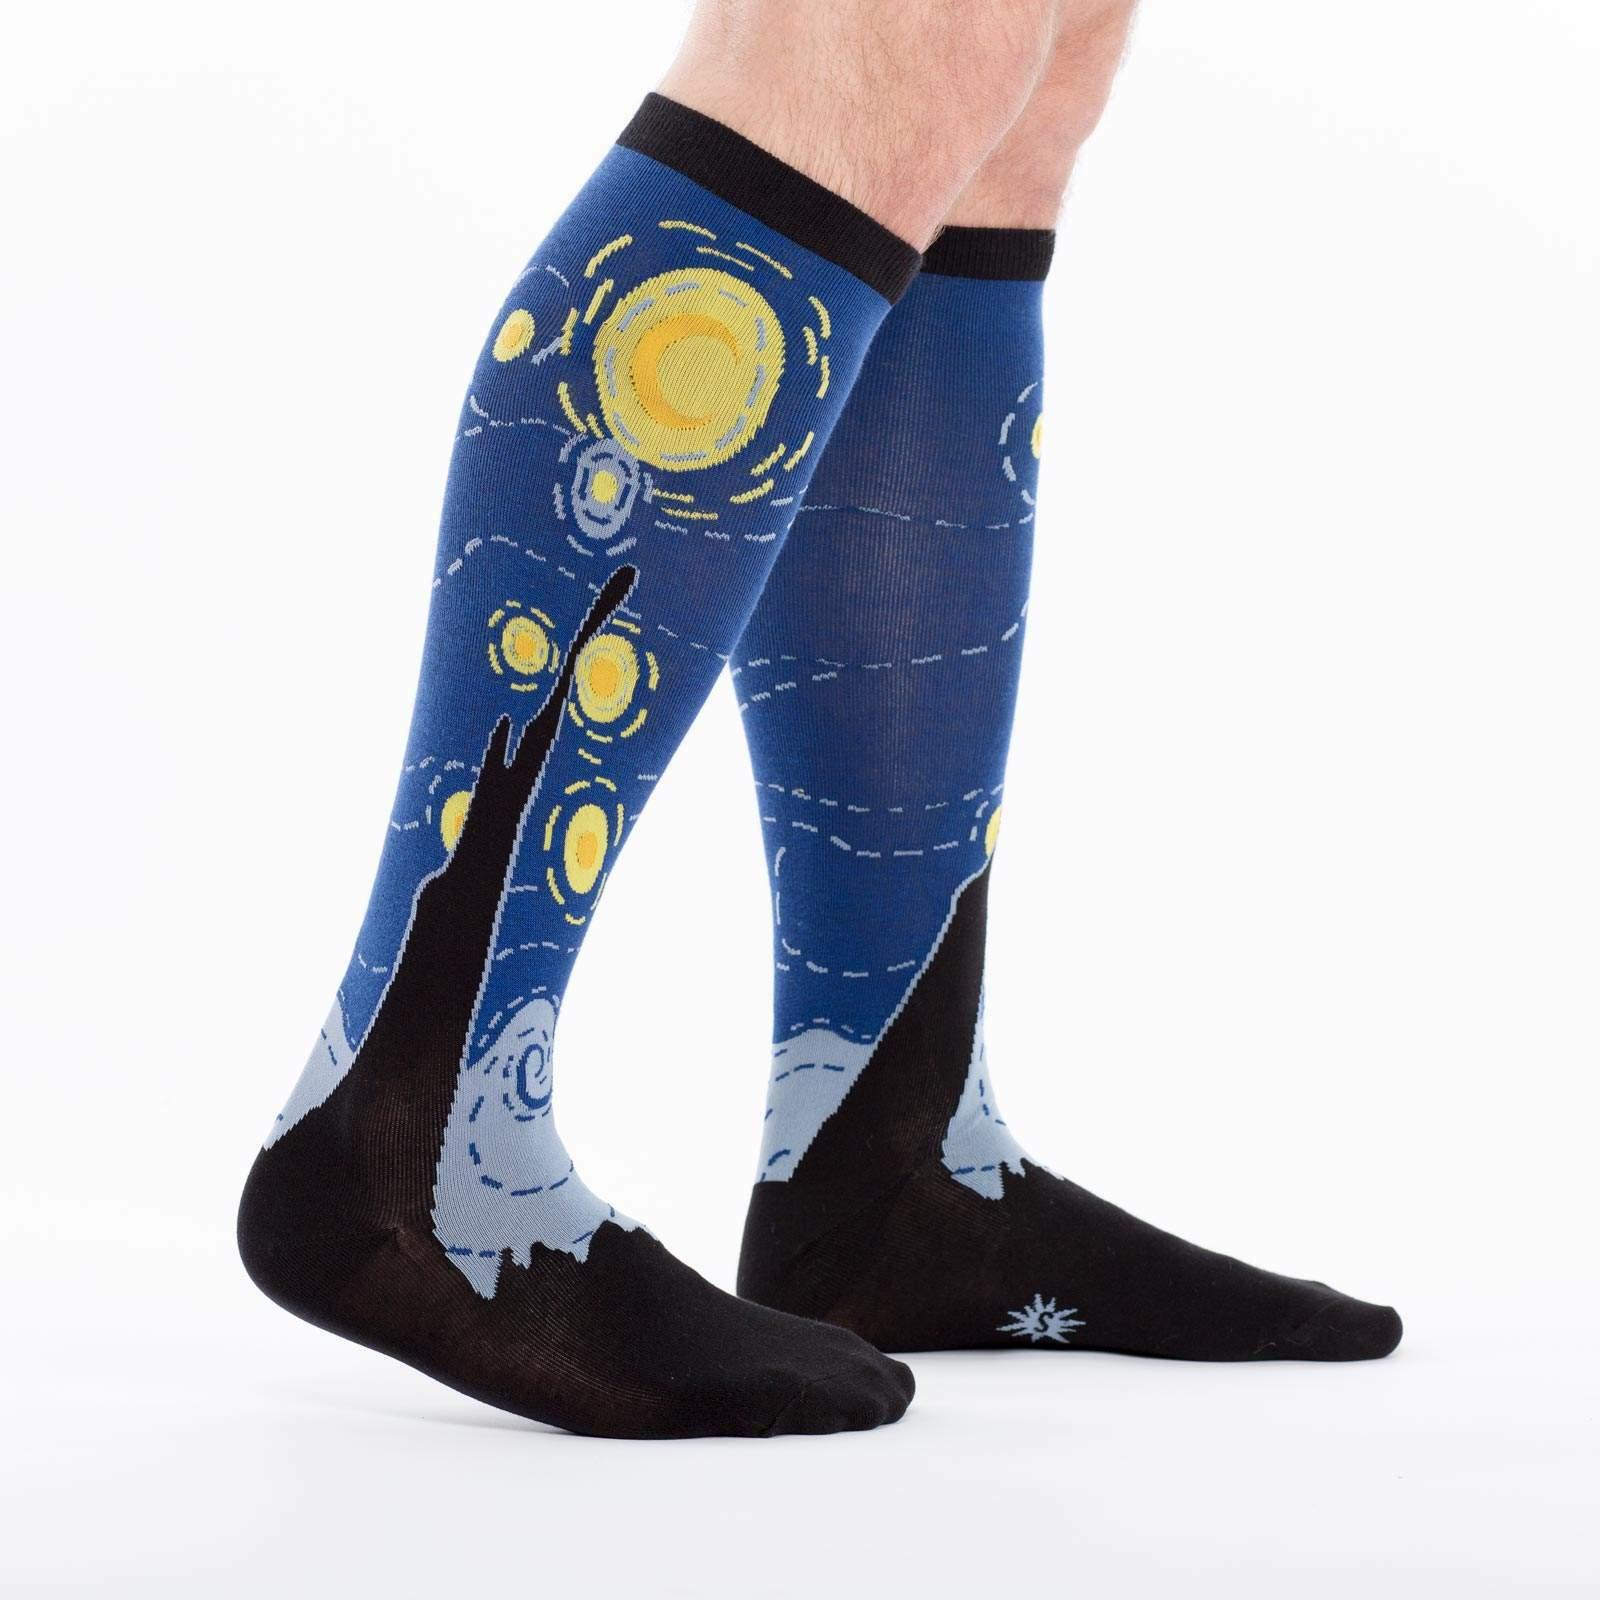 model side view of Starry Night Socks - Wide Calf - Van Gogh Knee High Socks Blue - Unisex